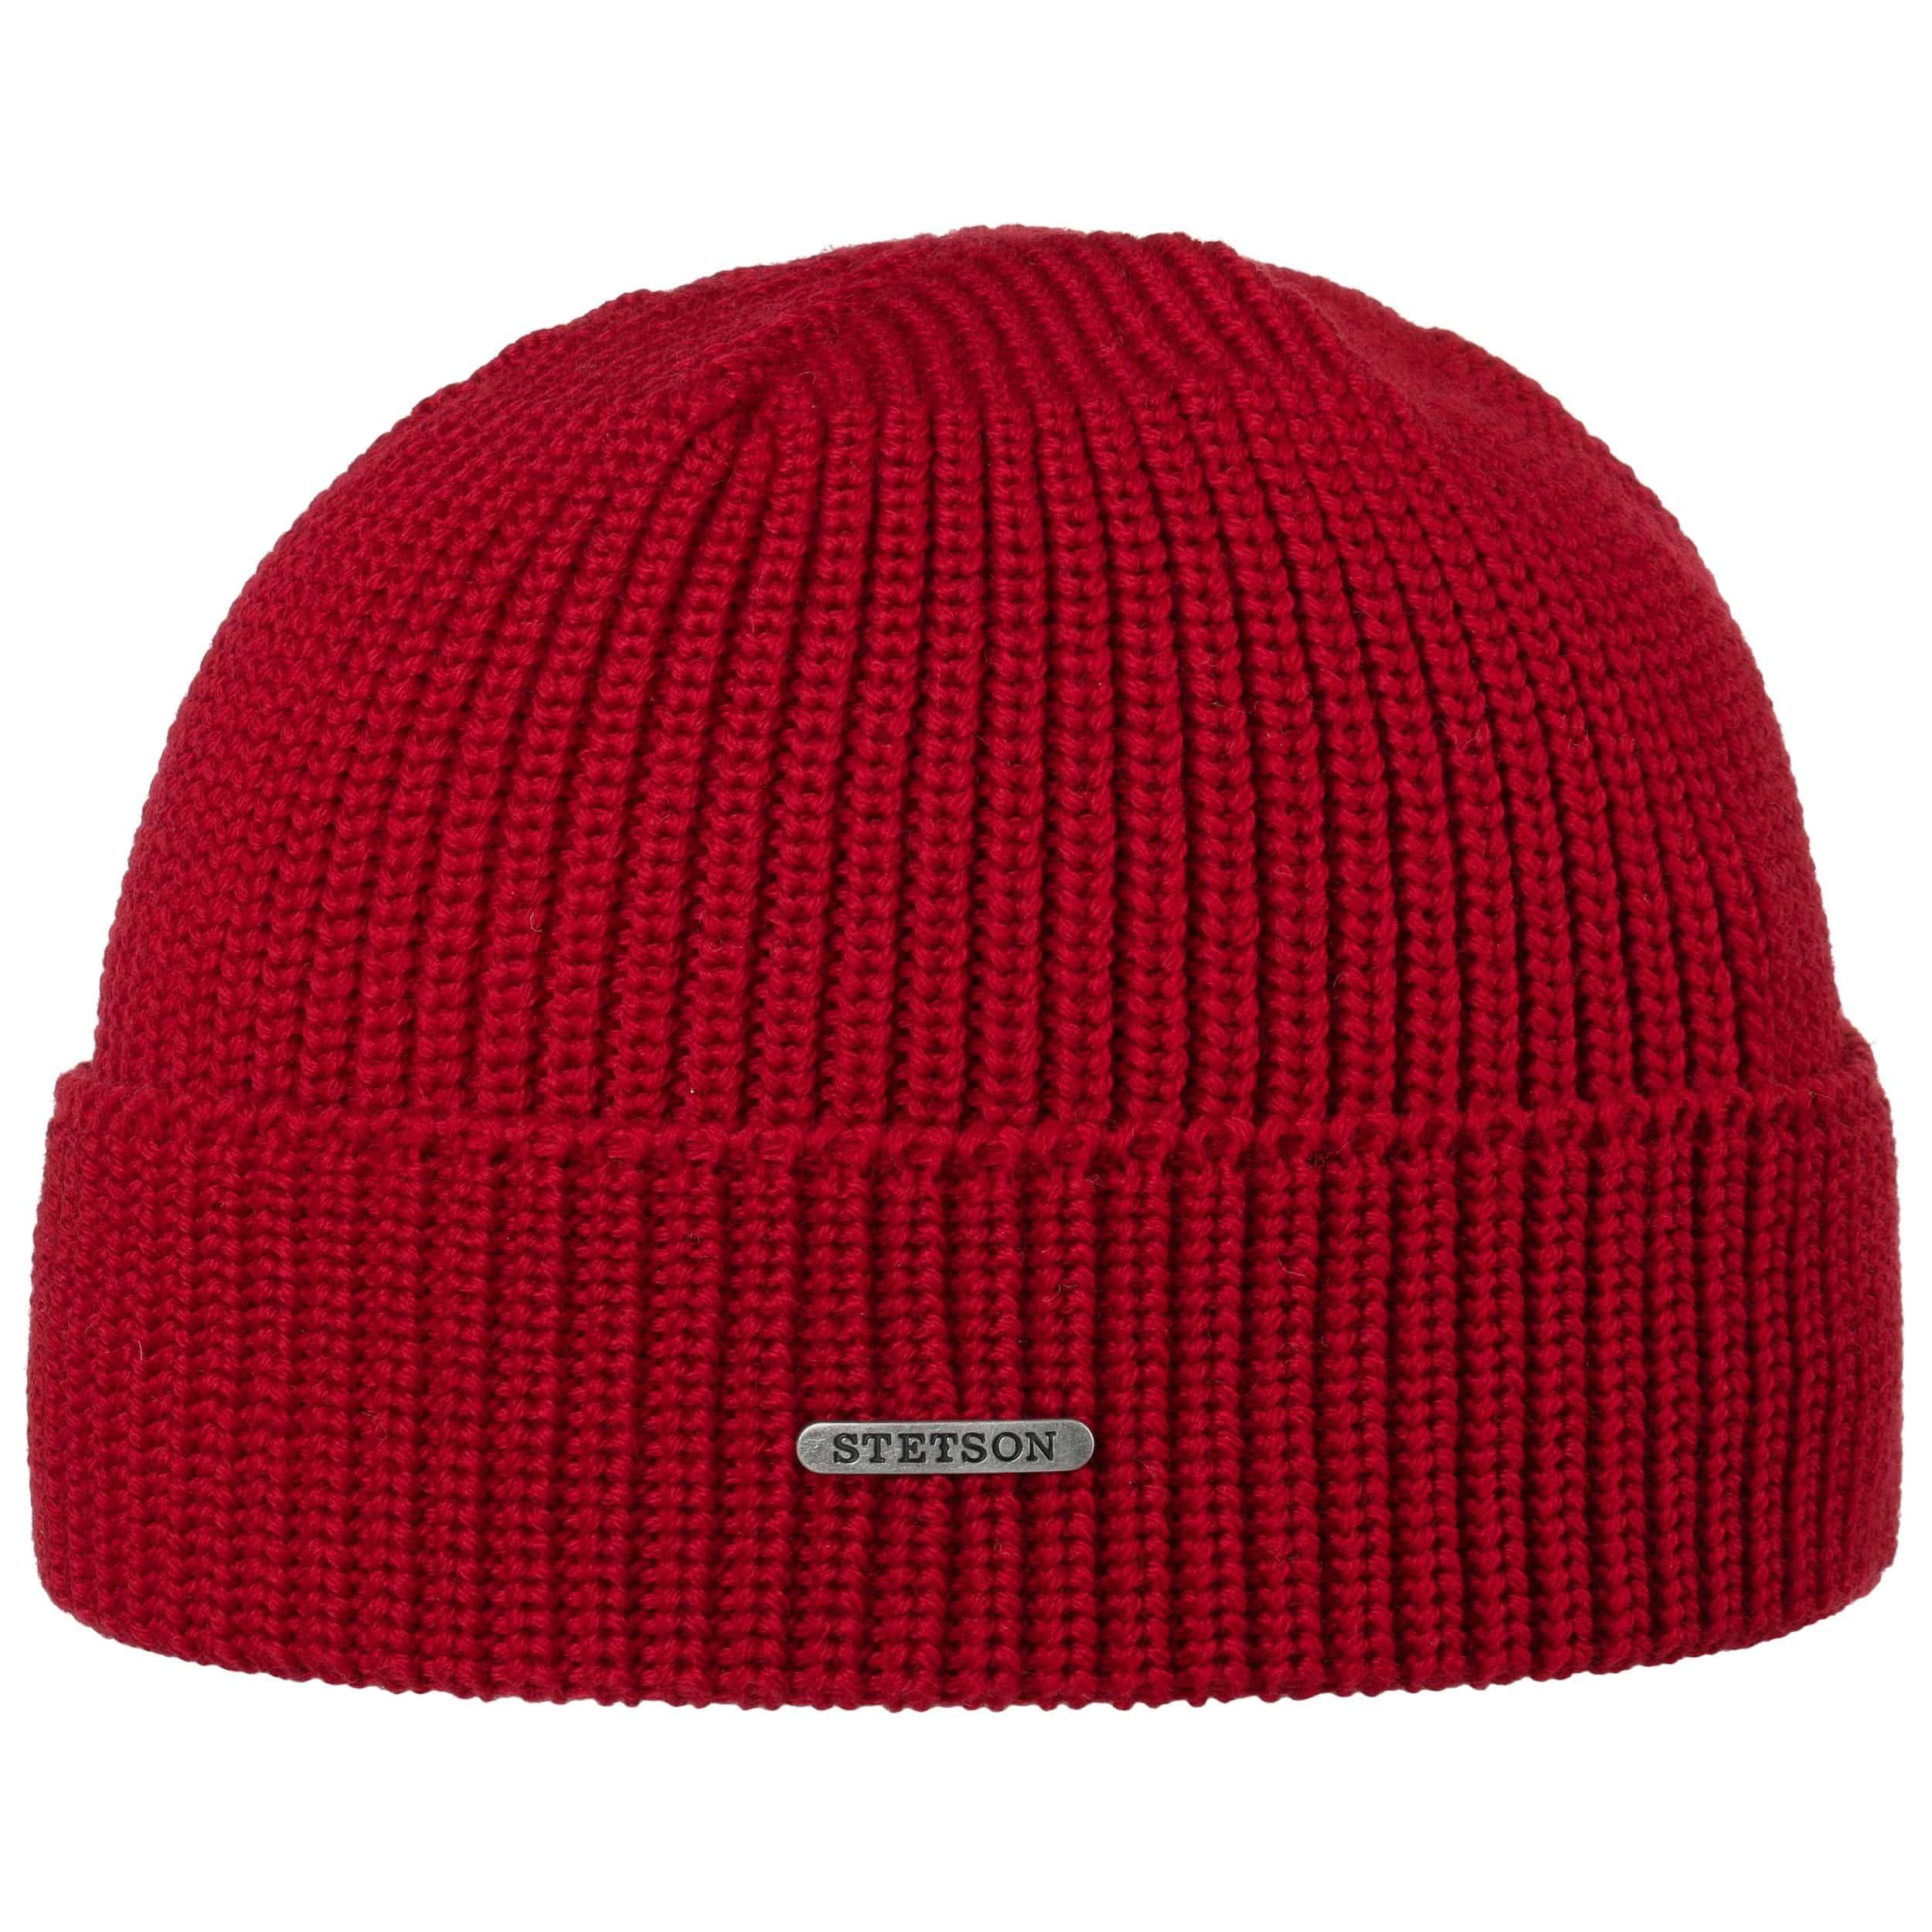 Finley Merino Beanie red